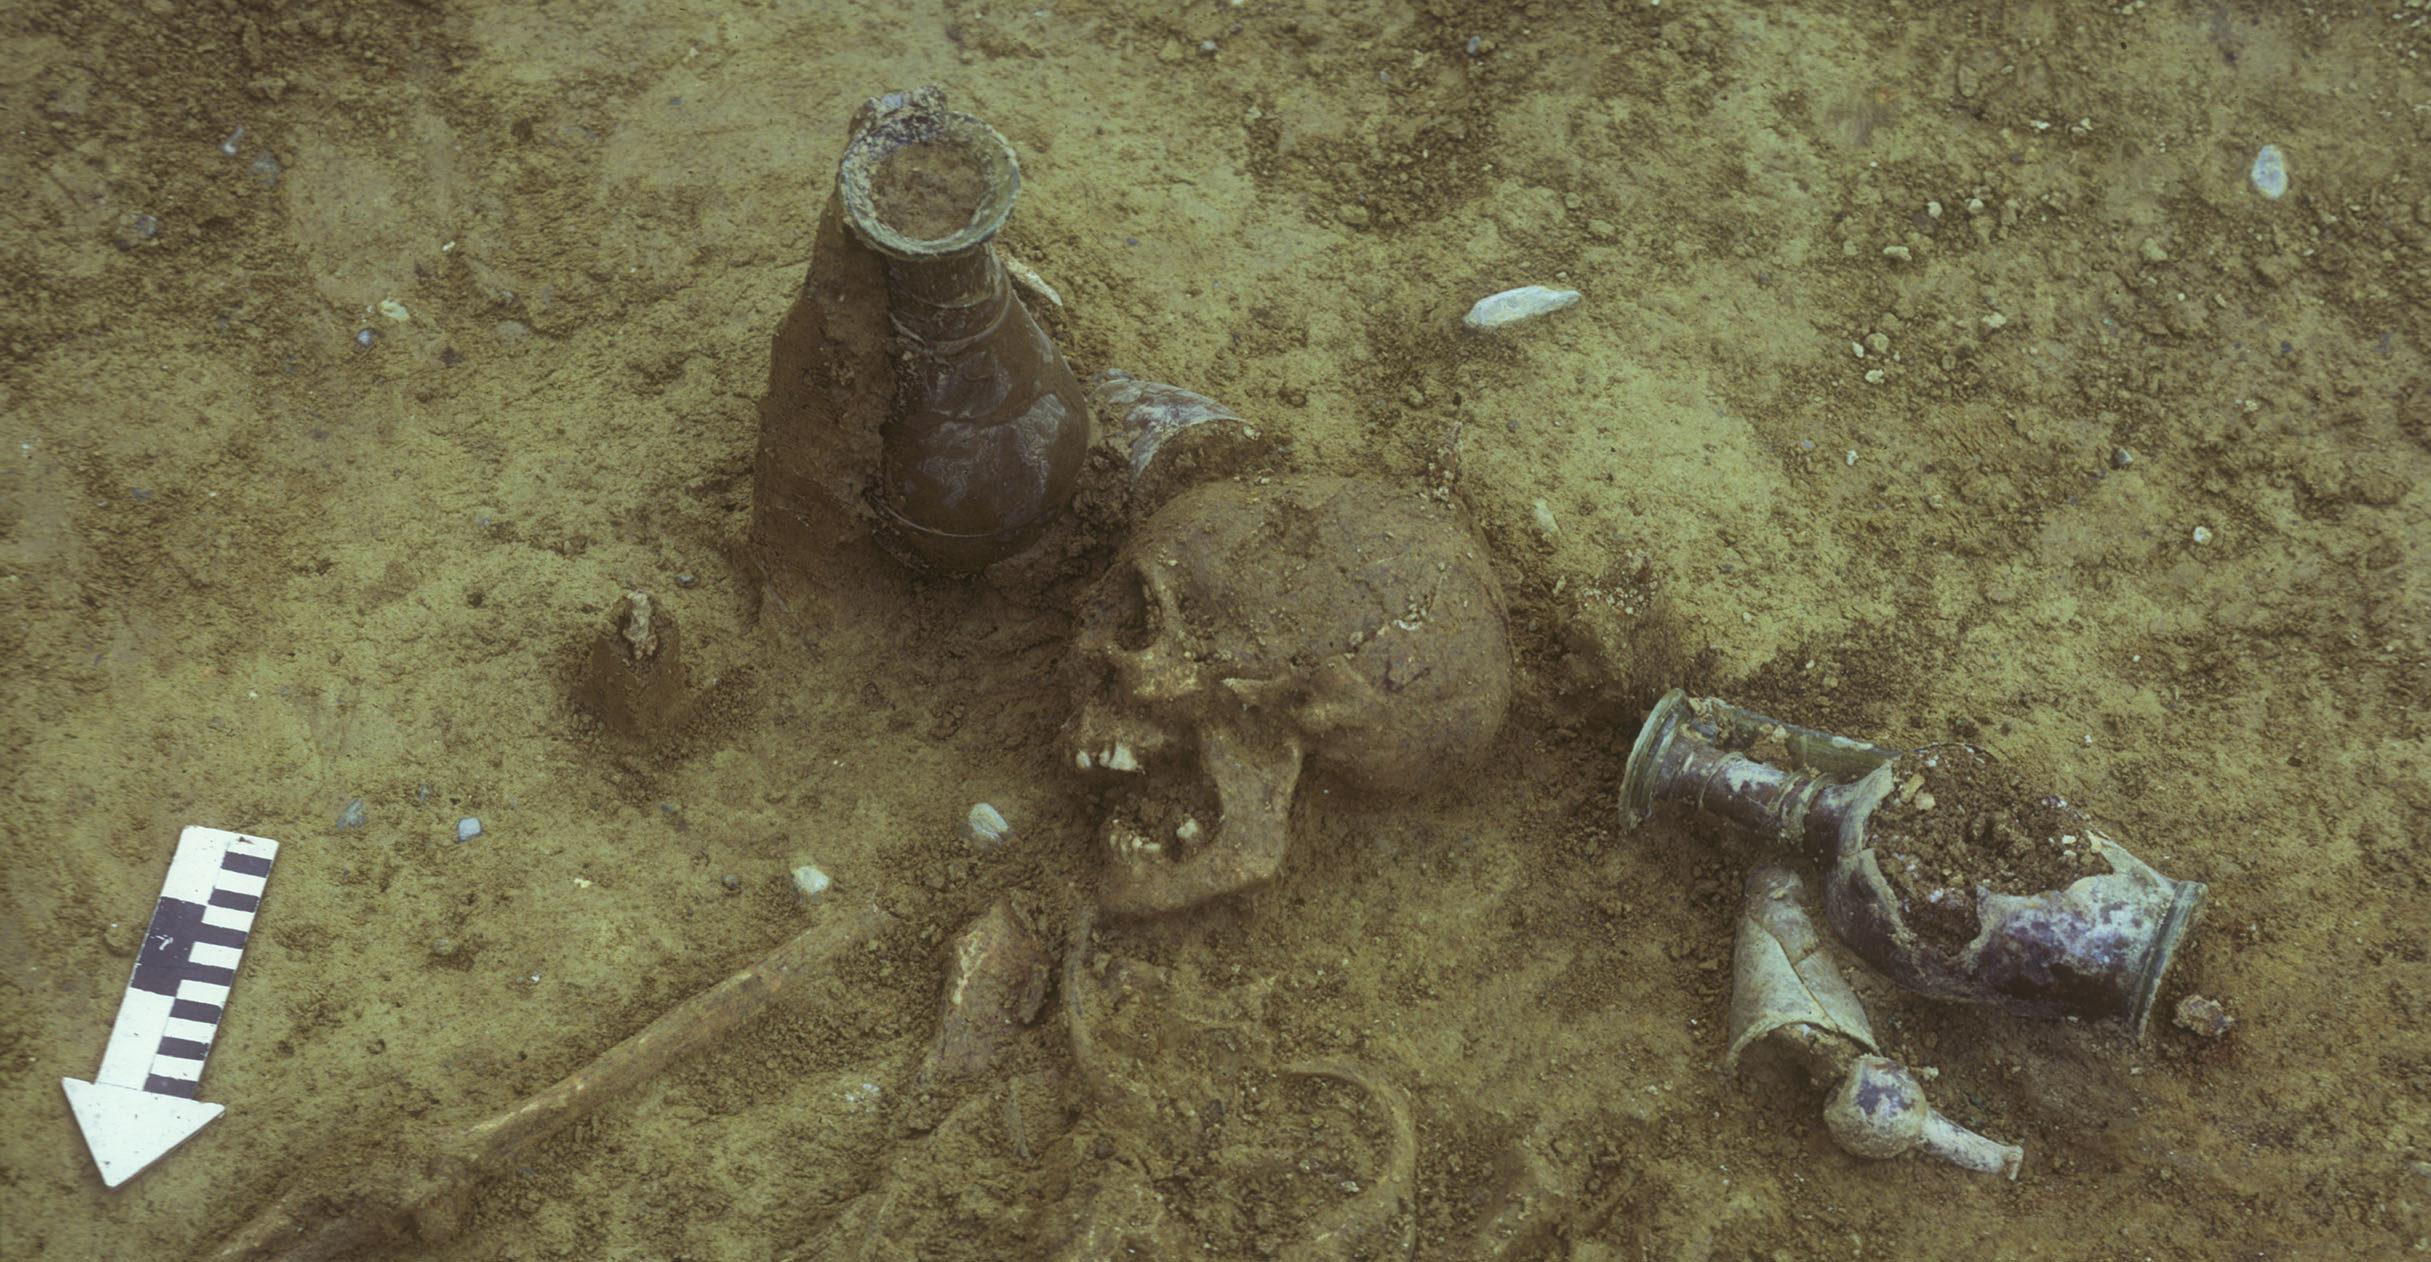 Im 1974 freigelegten Grab in Stein am Rhein fanden sich besonders reiche Glasbeigaben.